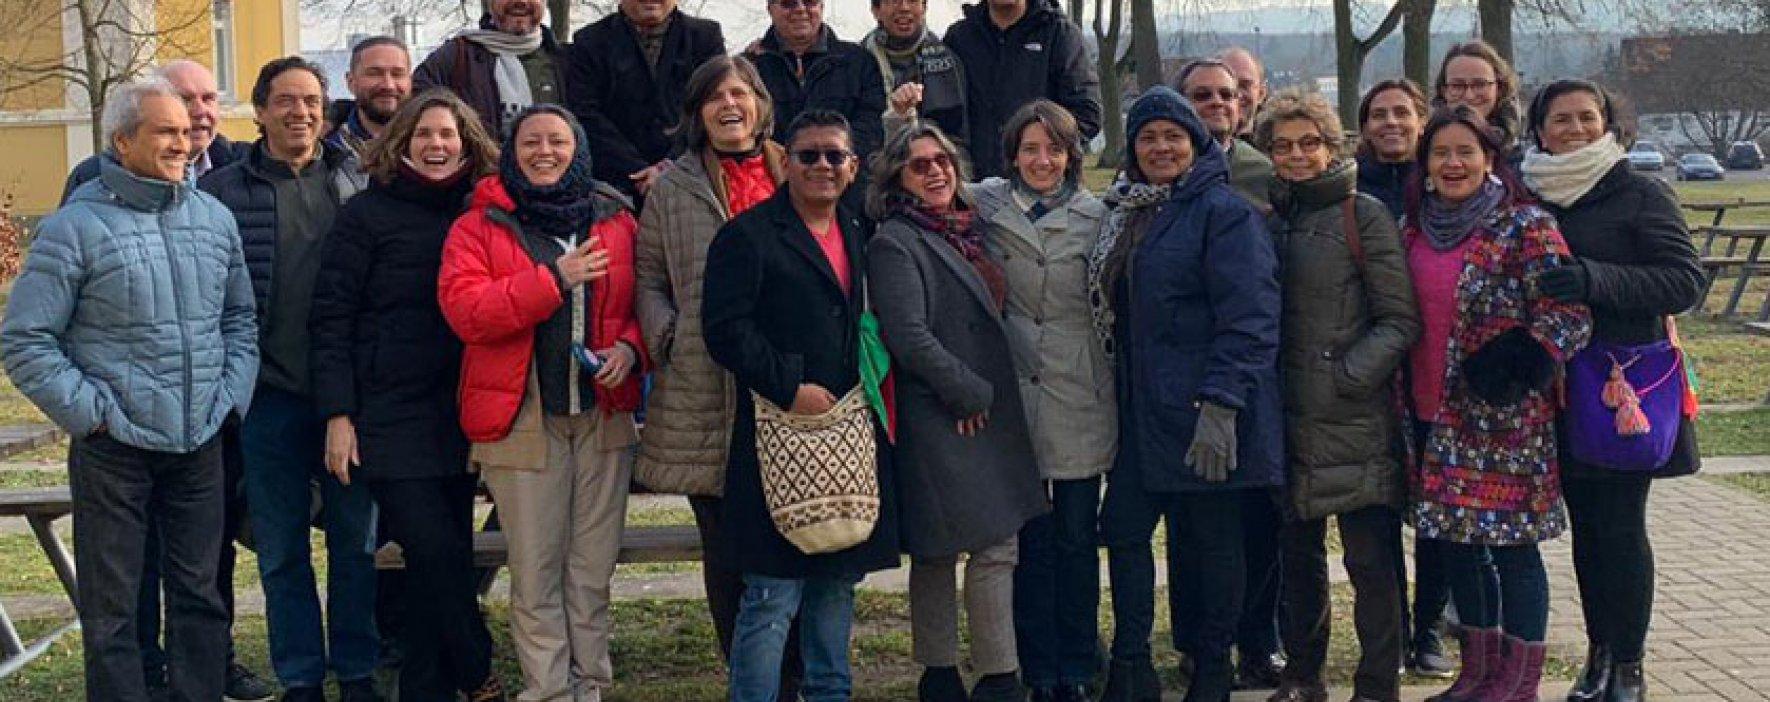 Educación política ciudadana, un viaje académico en Alemania